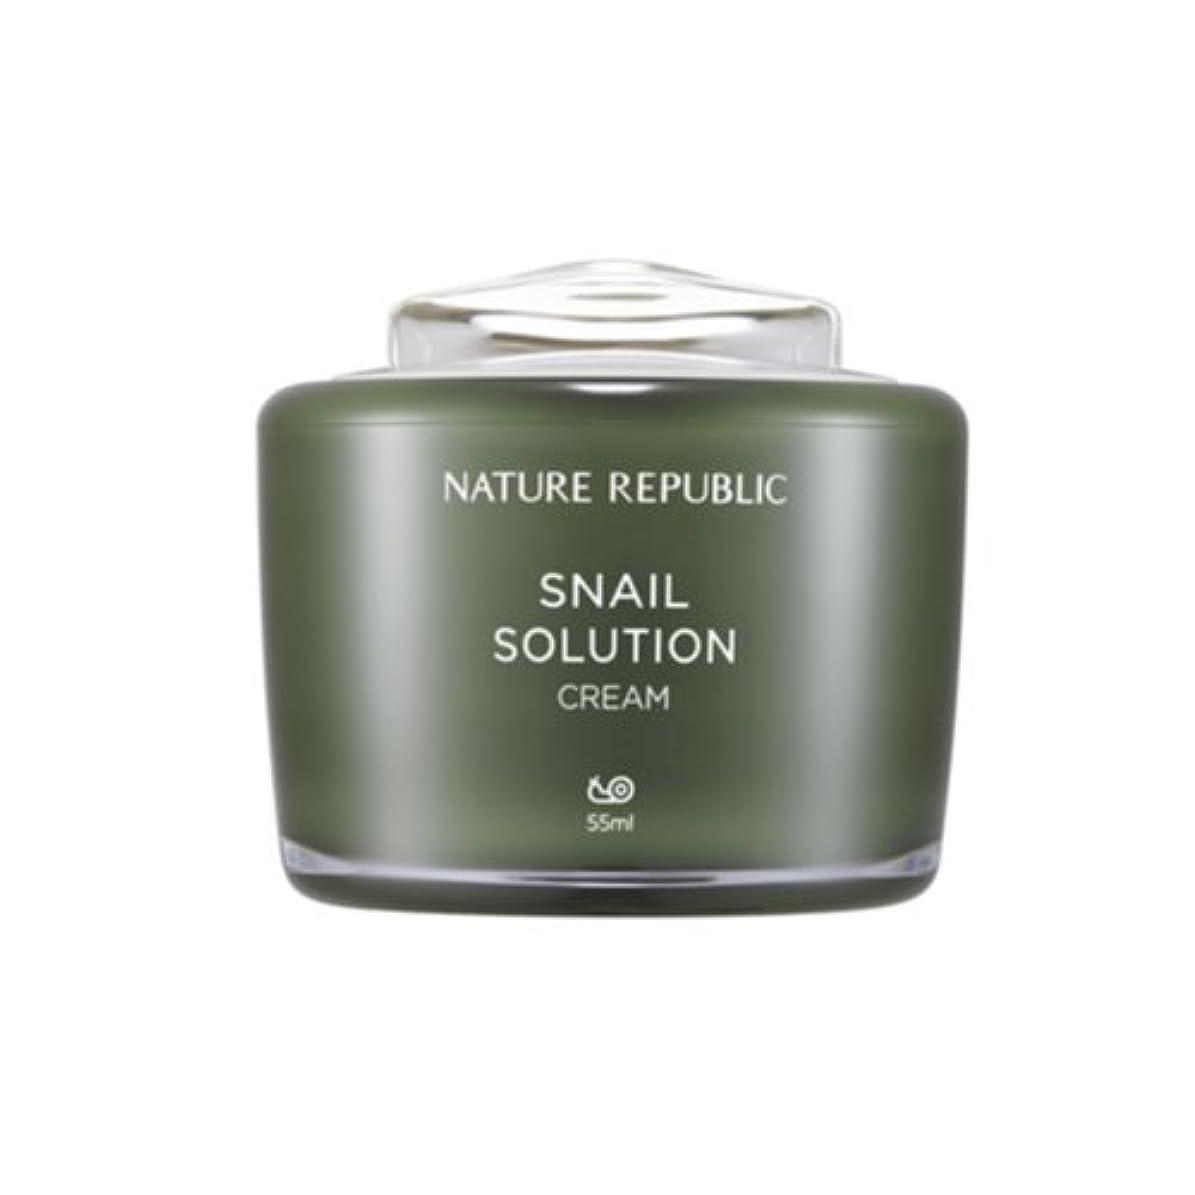 ボウリングハーネス石炭[ネイチャーリパブリック] Nature republicスネイルソリューションクリーム海外直送品(Snail Solution Cream) [並行輸入品]